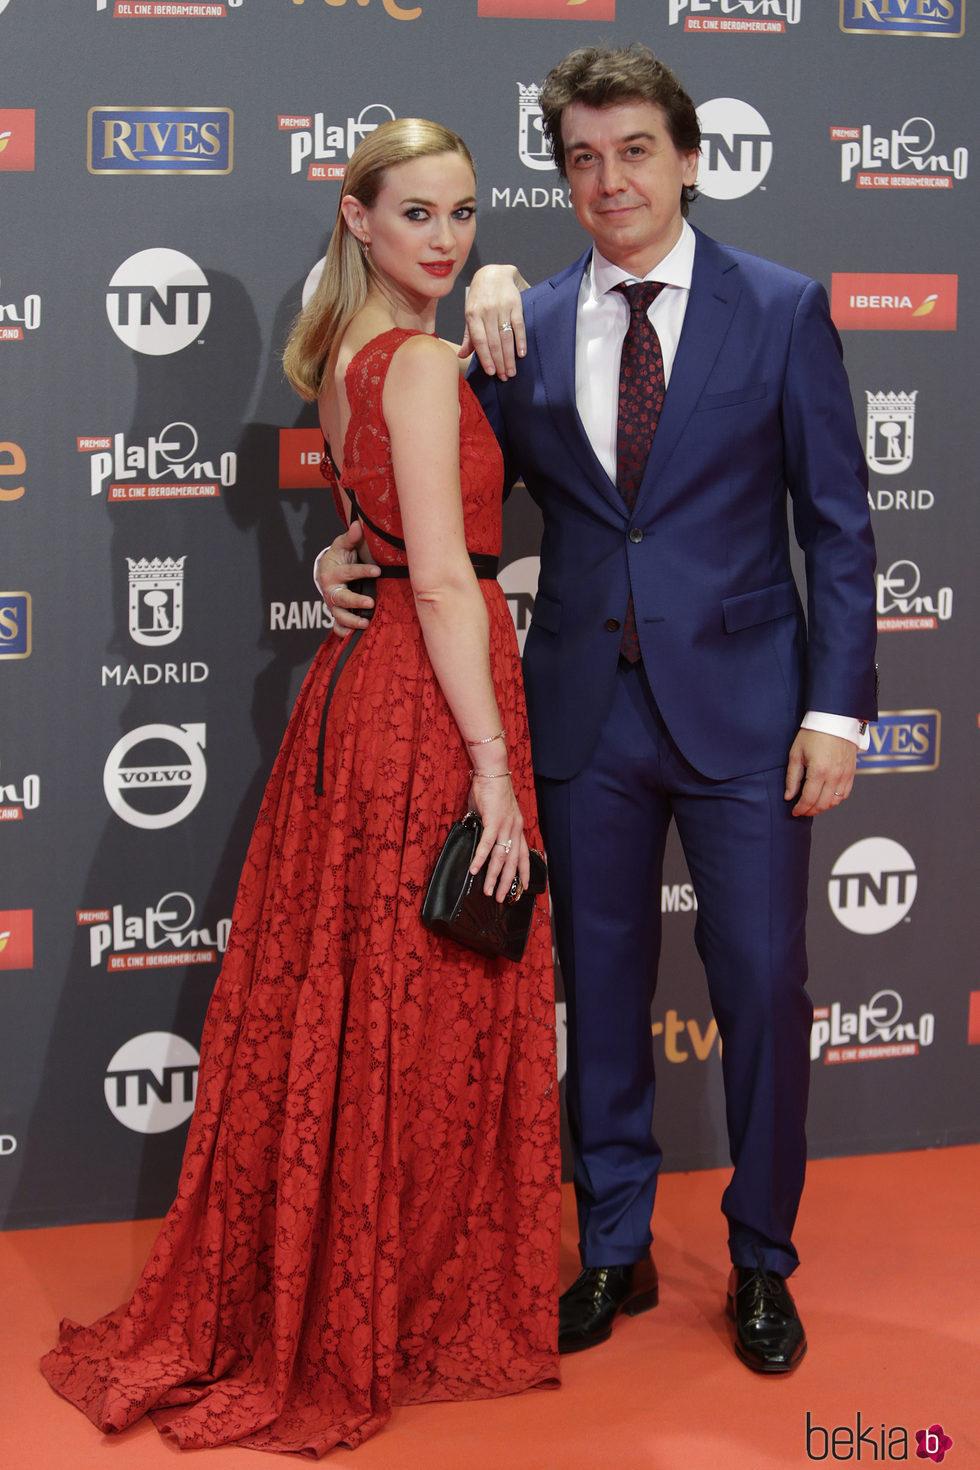 Marta Hazas y Javier Veiga en los Premios Platino 2017